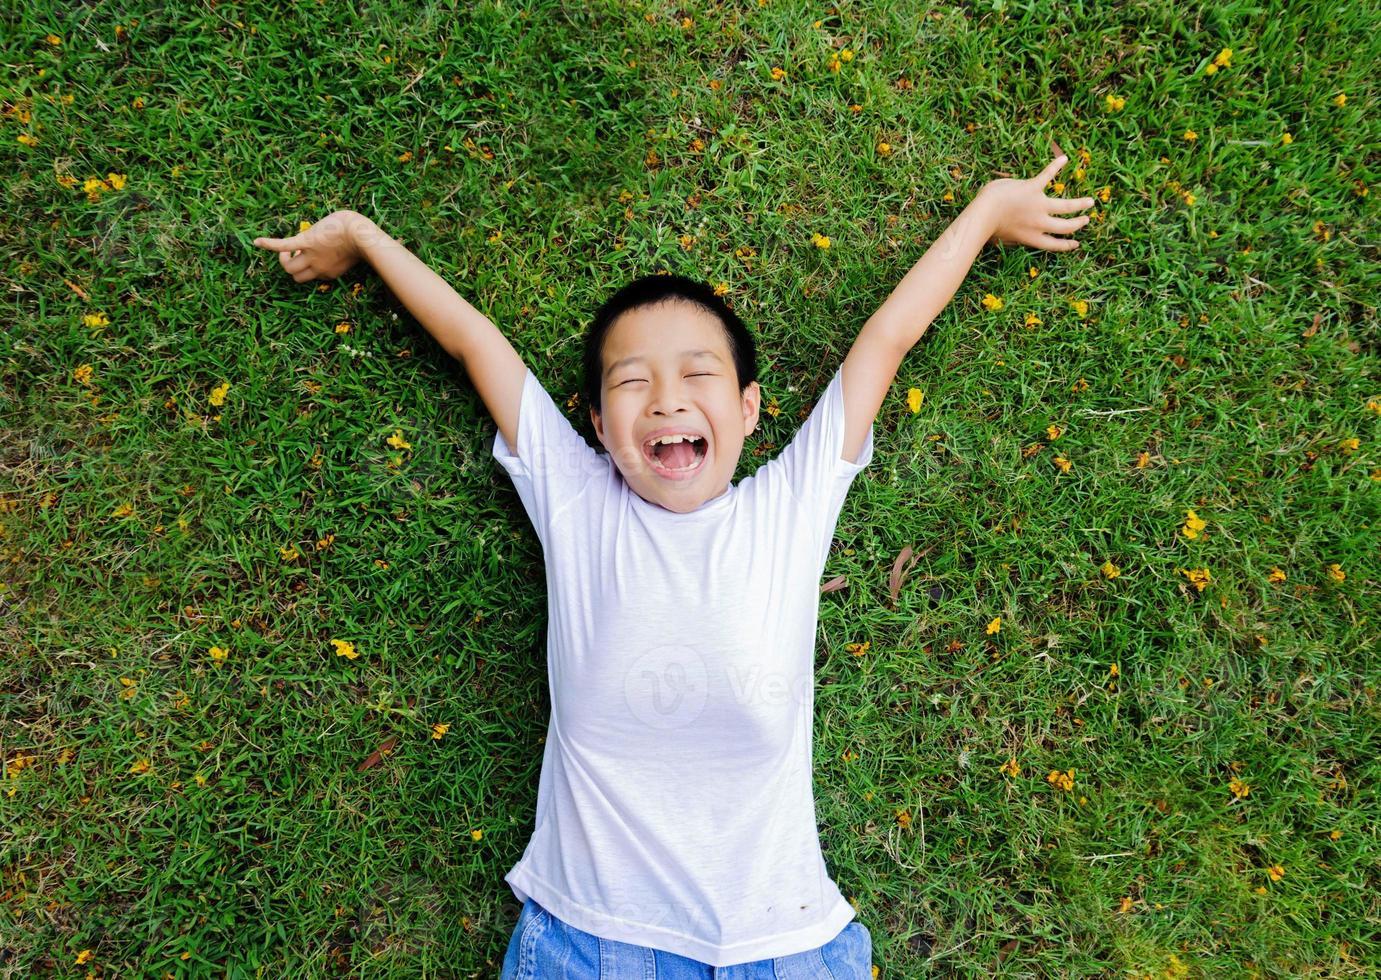 garçon allongé sur l'herbe sentir se détendre photo